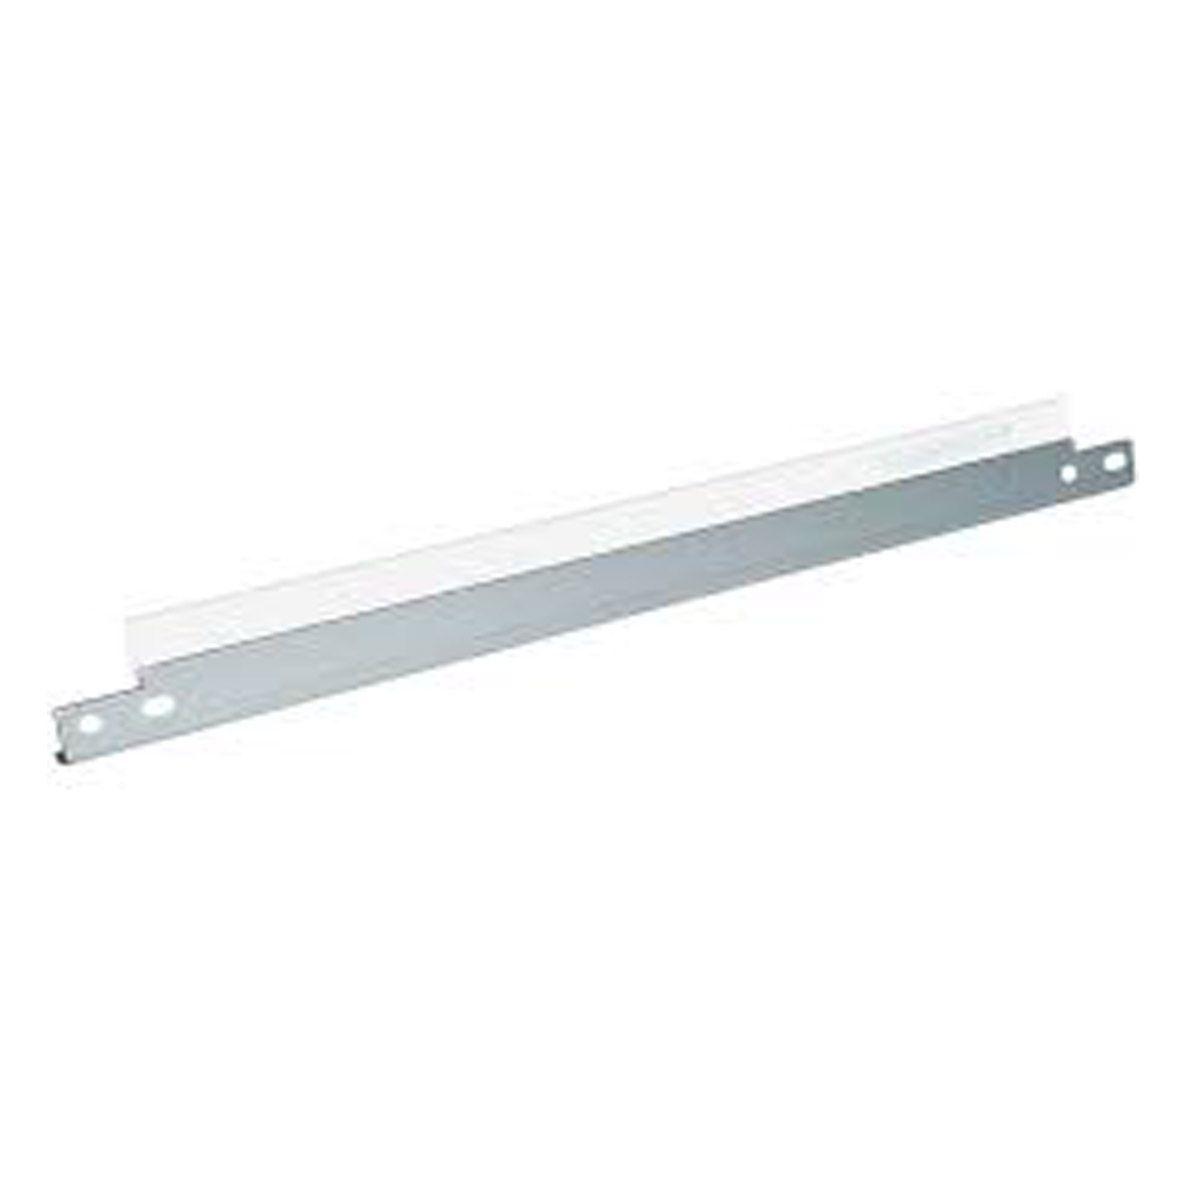 Lamina Dosadora Doctor Blade HP CF283 283A 283 - M125 M127 M127FN M128 M225 M226